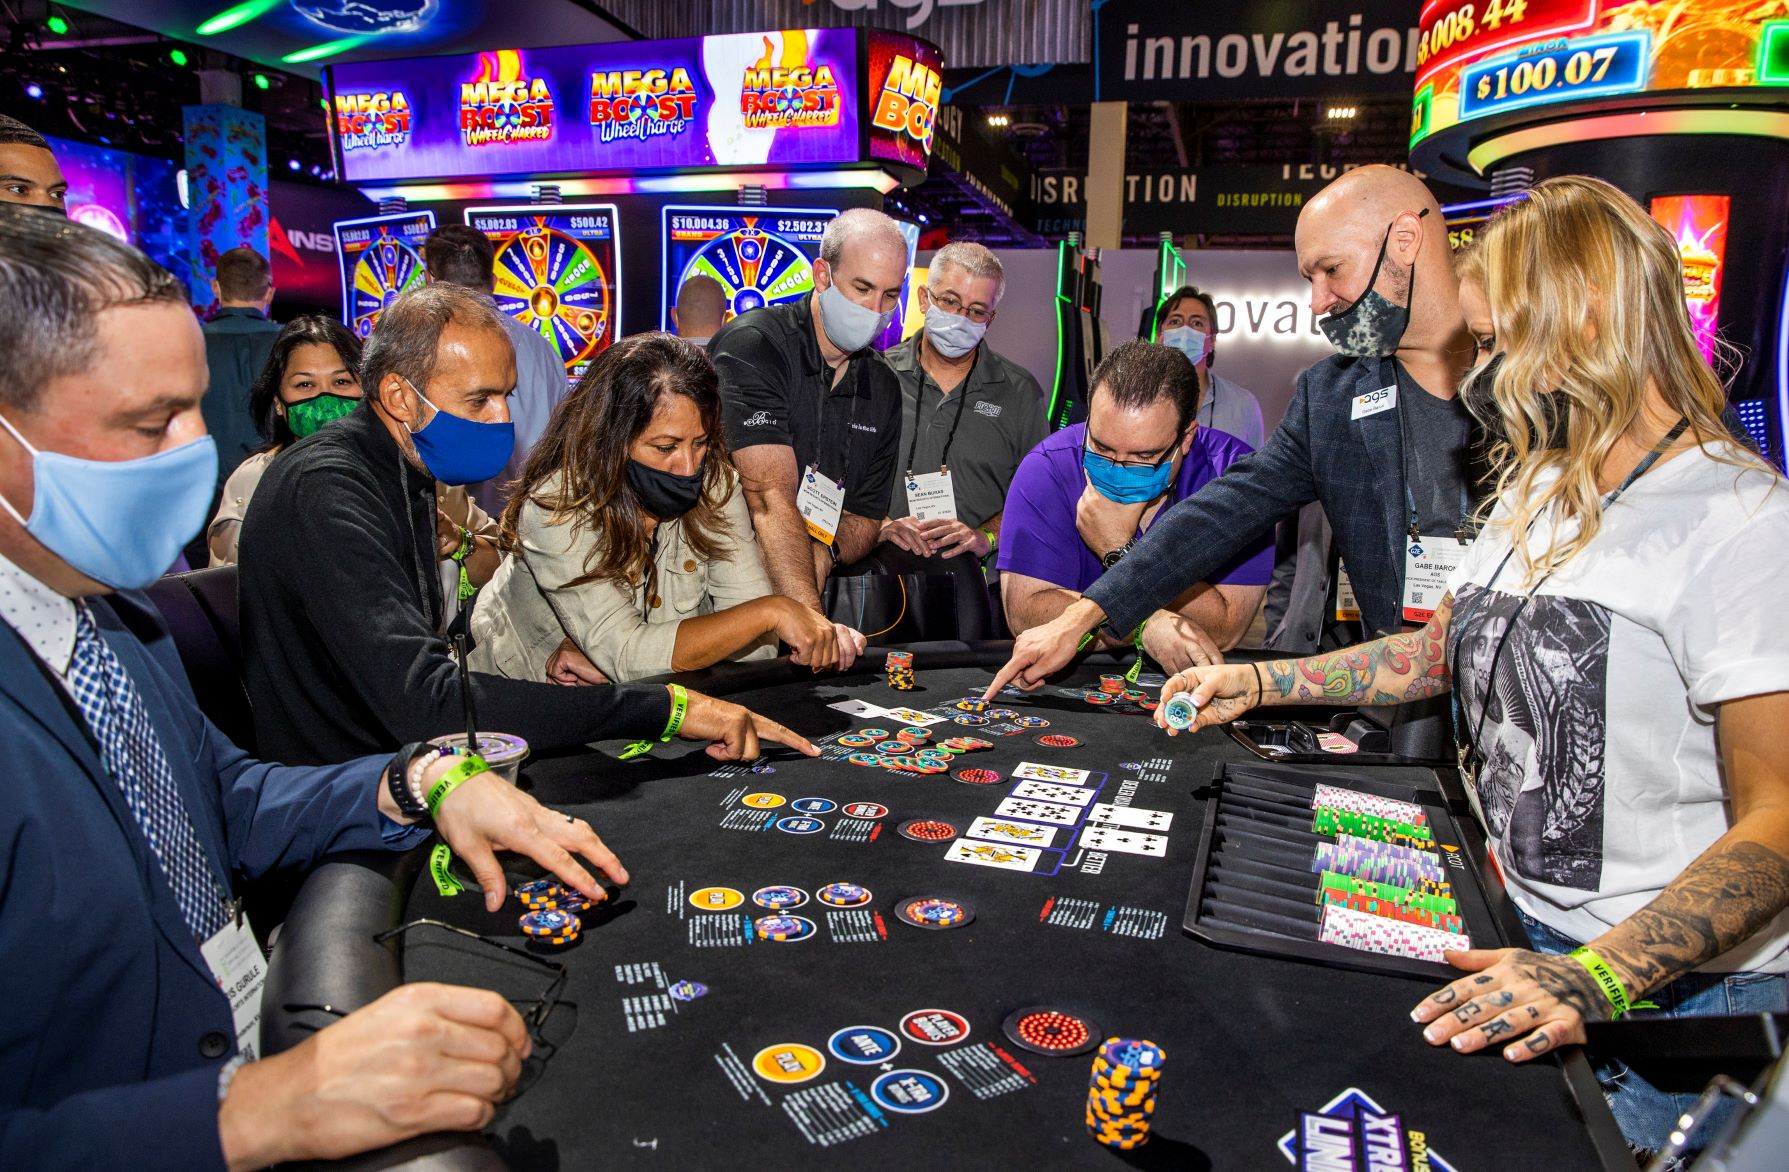 teknik-innovationer-glänser-om-id-g2e's-slot-maskiner,-bordsspel